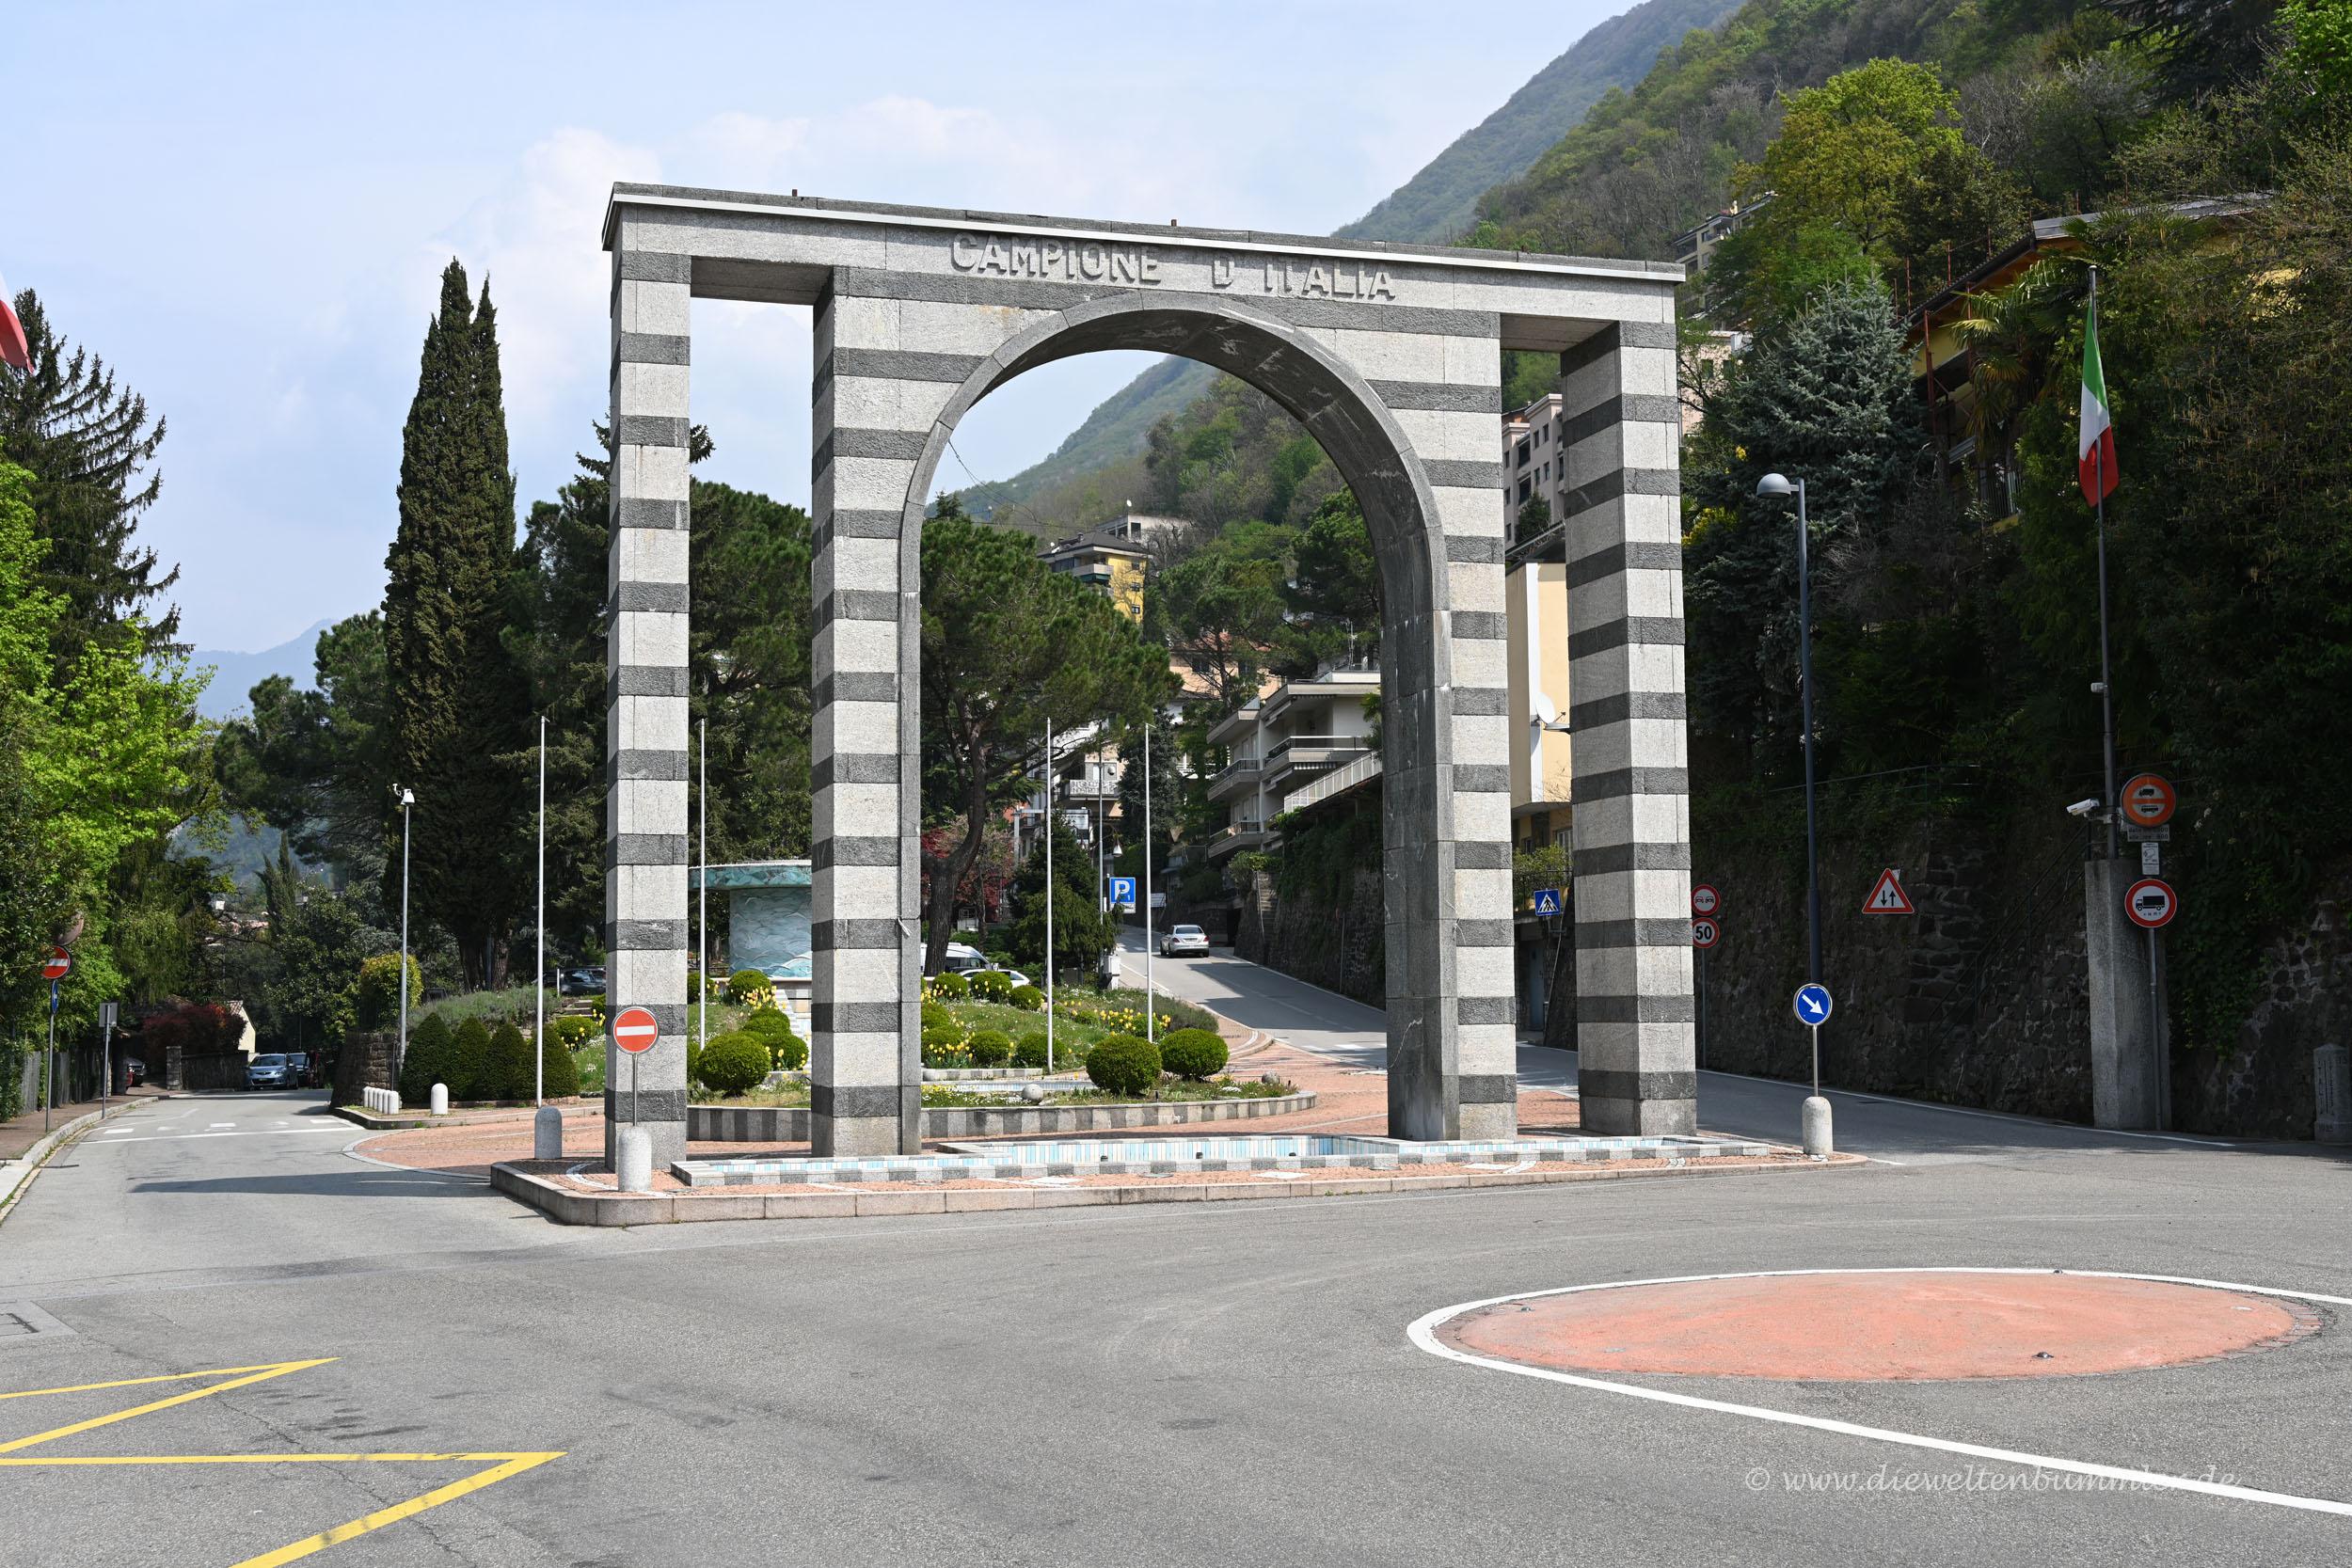 Campione d Italia